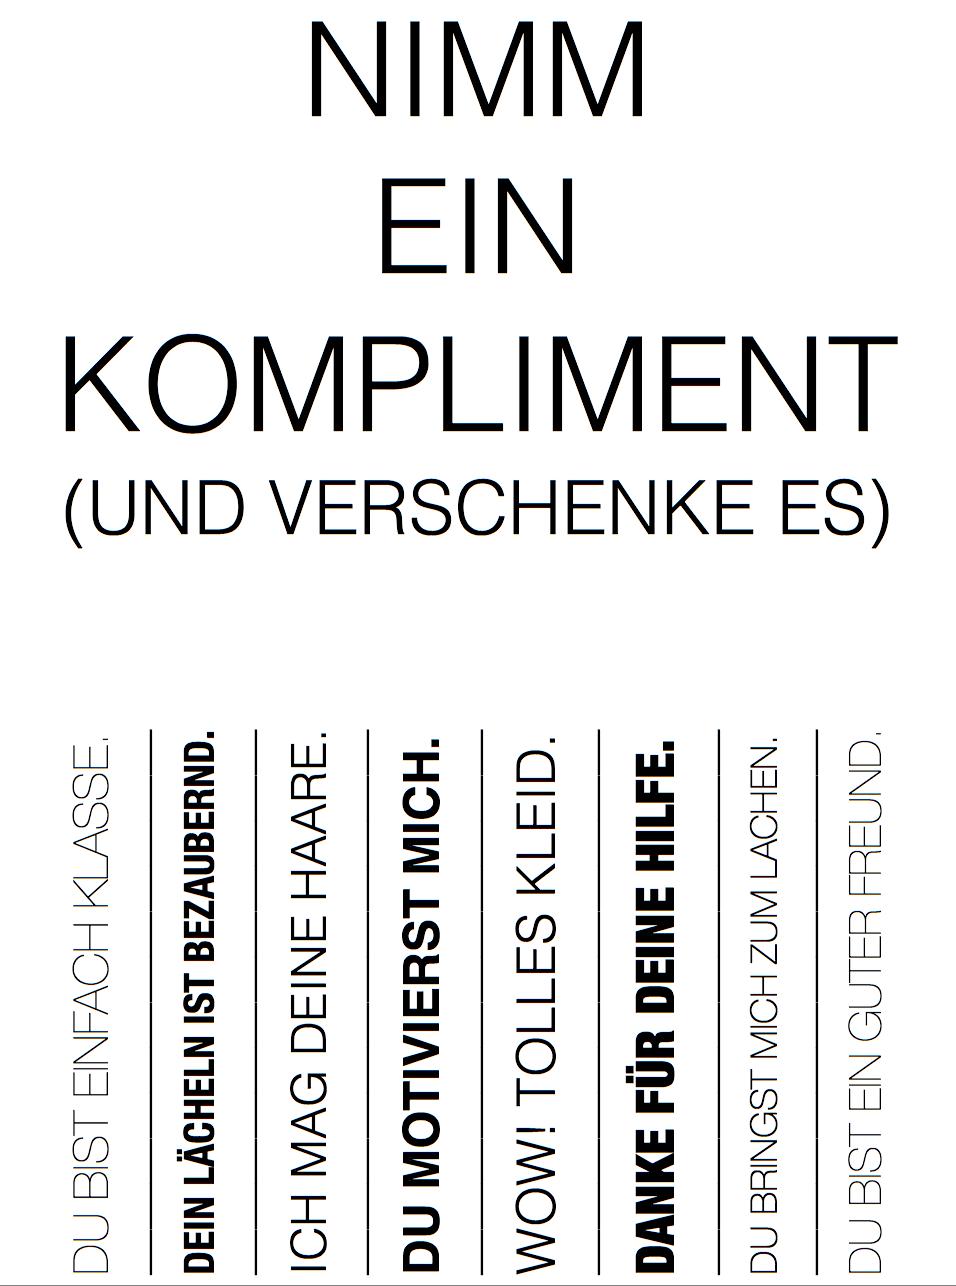 Einladung Kollegen Essen – pixelwarfare.info - Einladungskarten Abschlussfeier